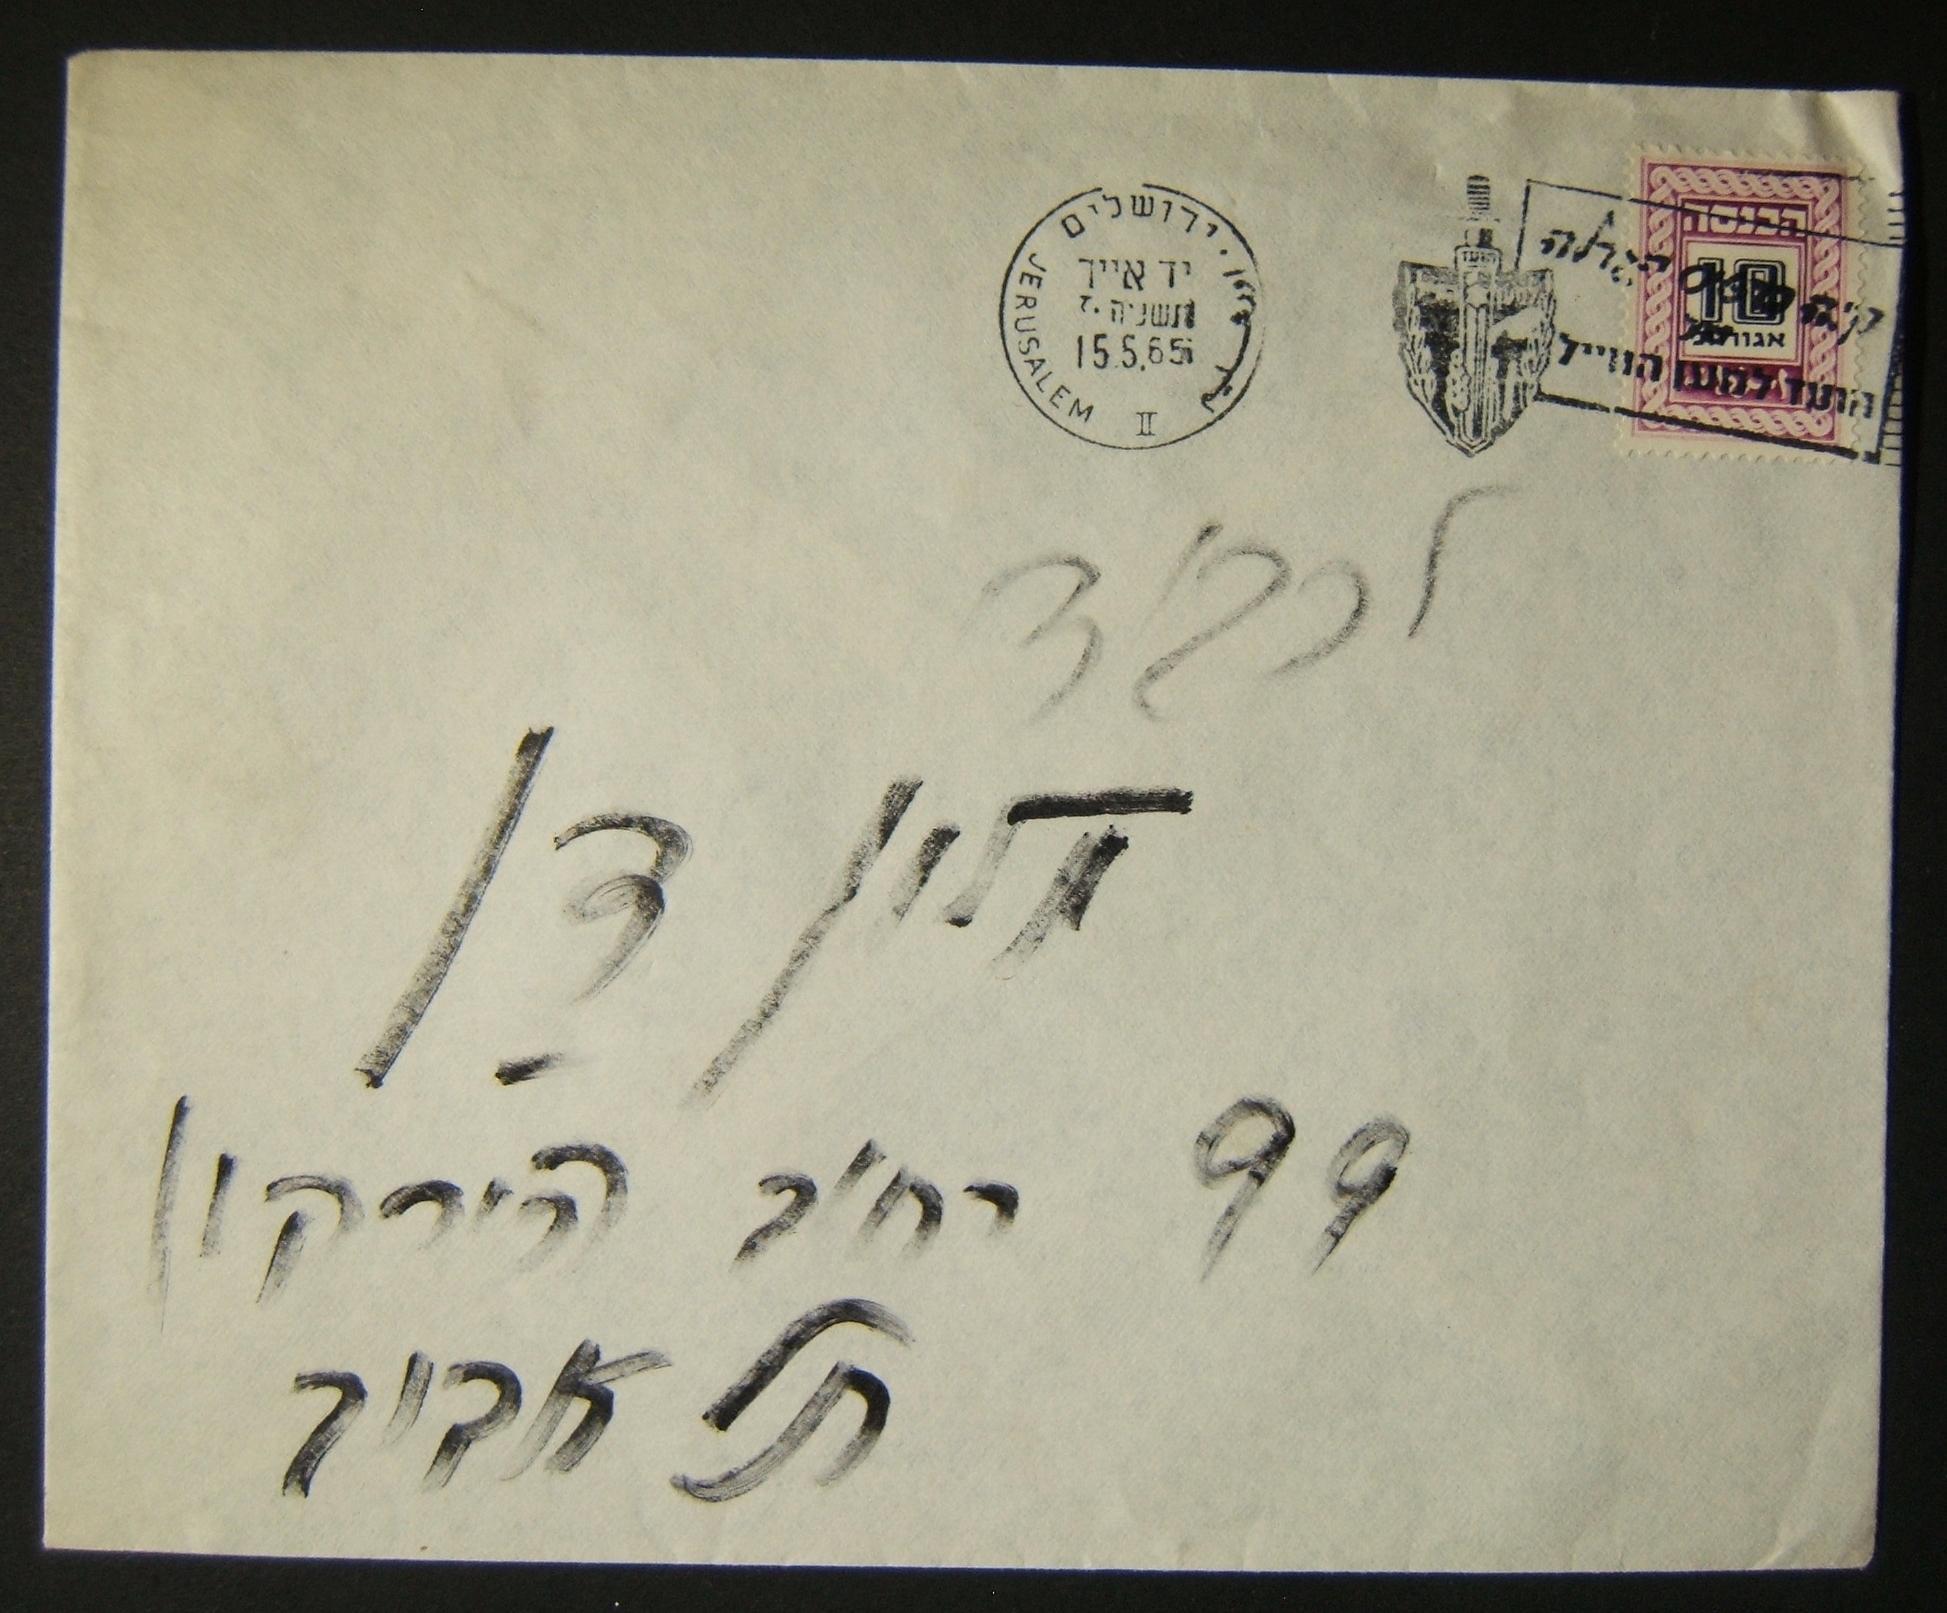 1965 القدس إلى تل ابيب تحت عنوان ورسالة بريدية مصرفية - مقبولة ، غير خاضعة للضريبة